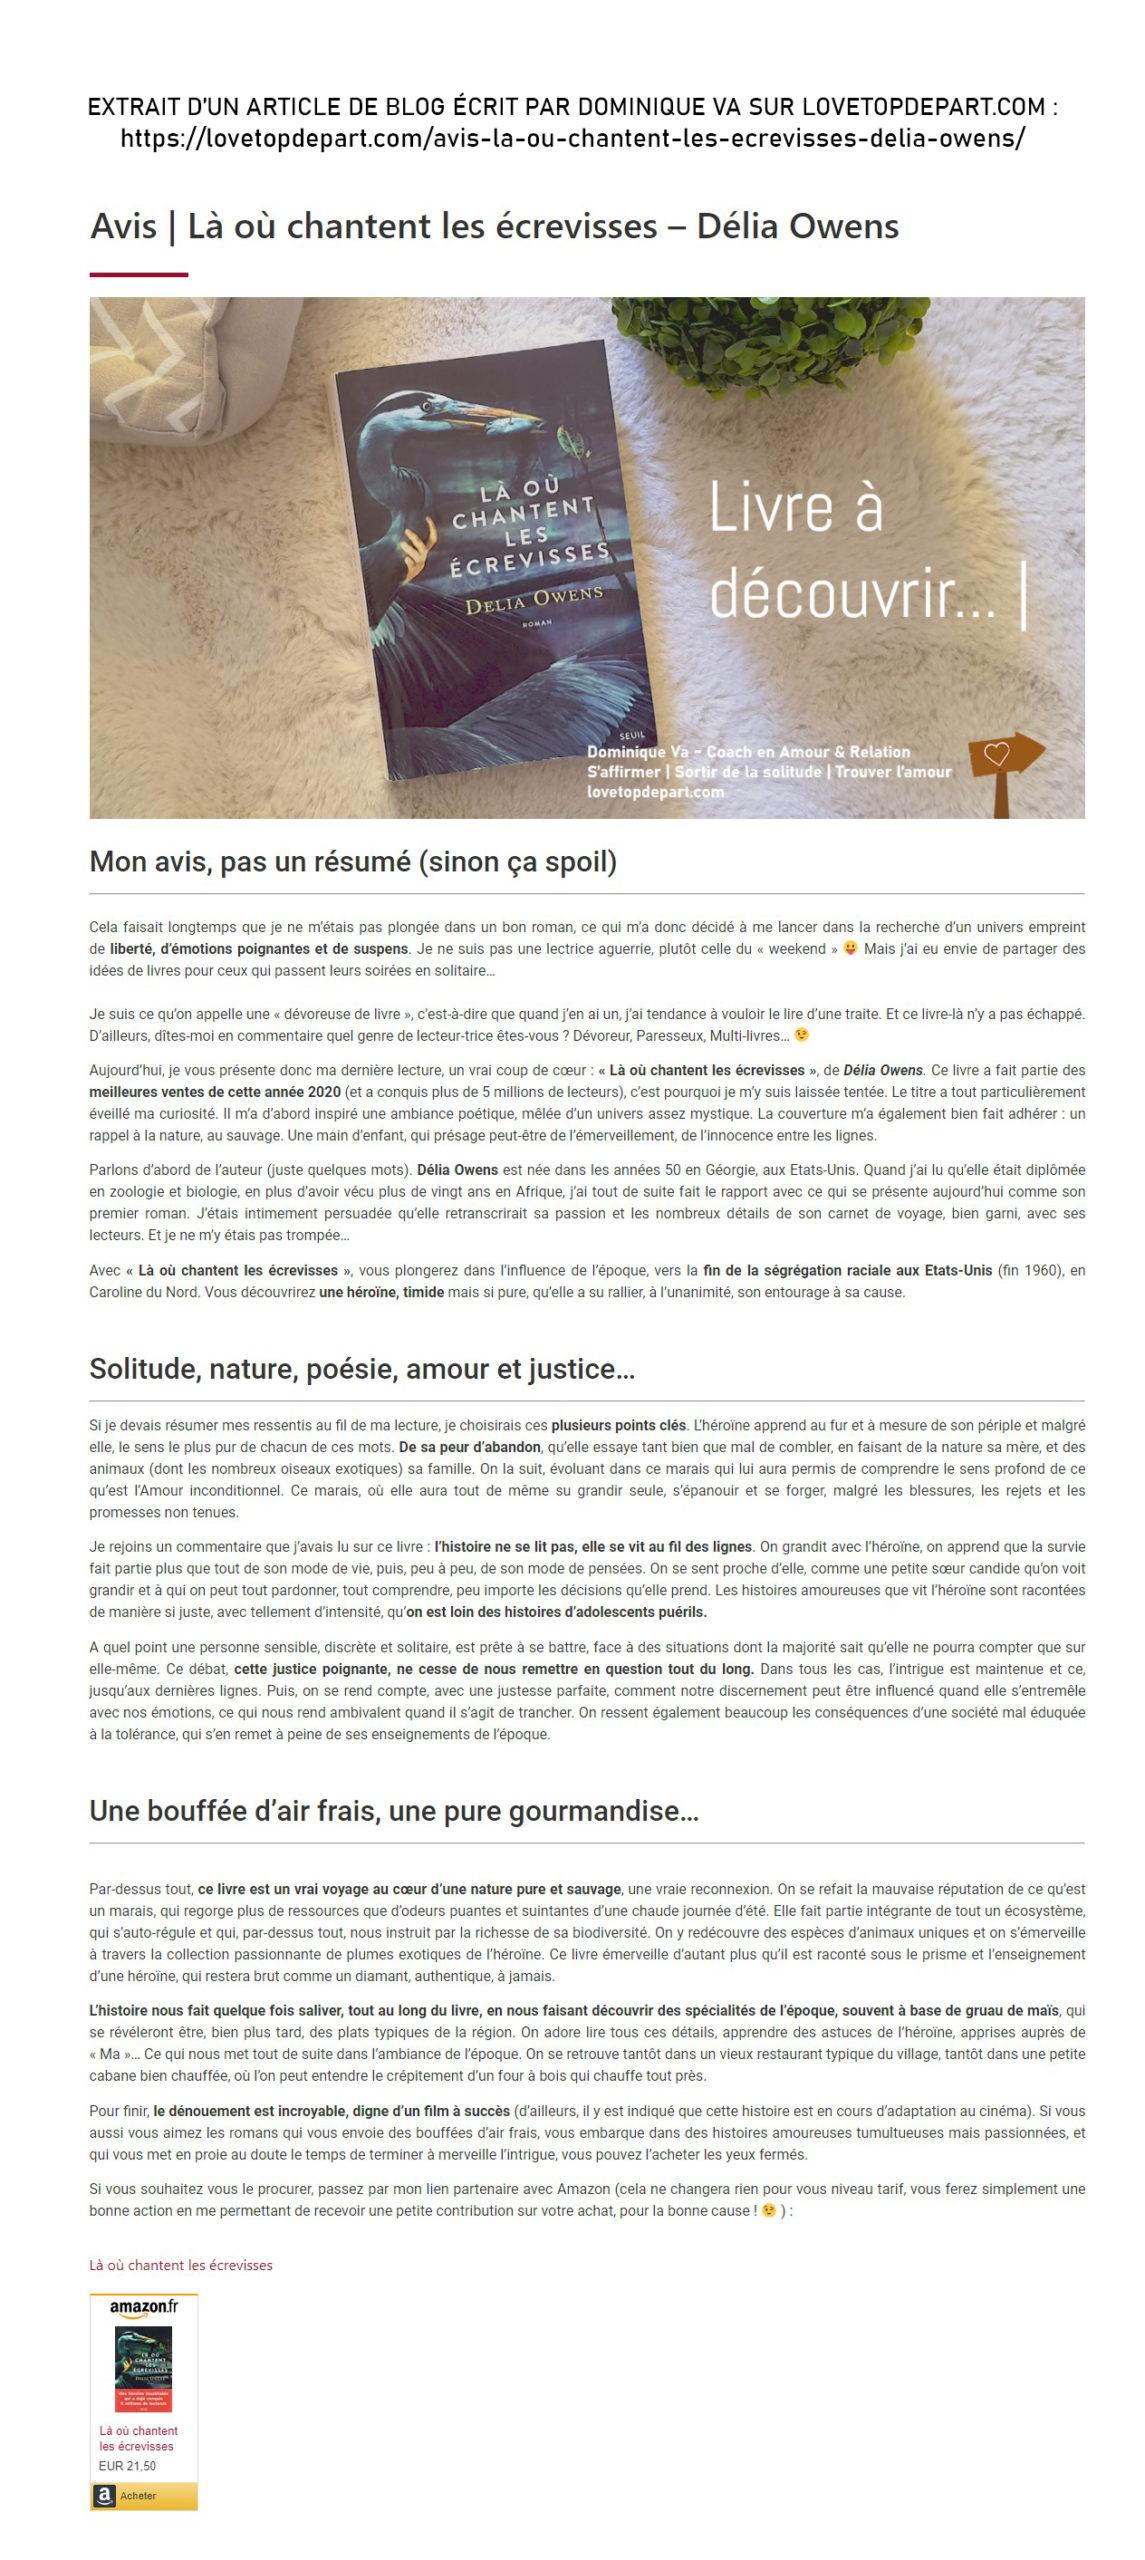 Rédaction Web - Dominique VA - Article Long